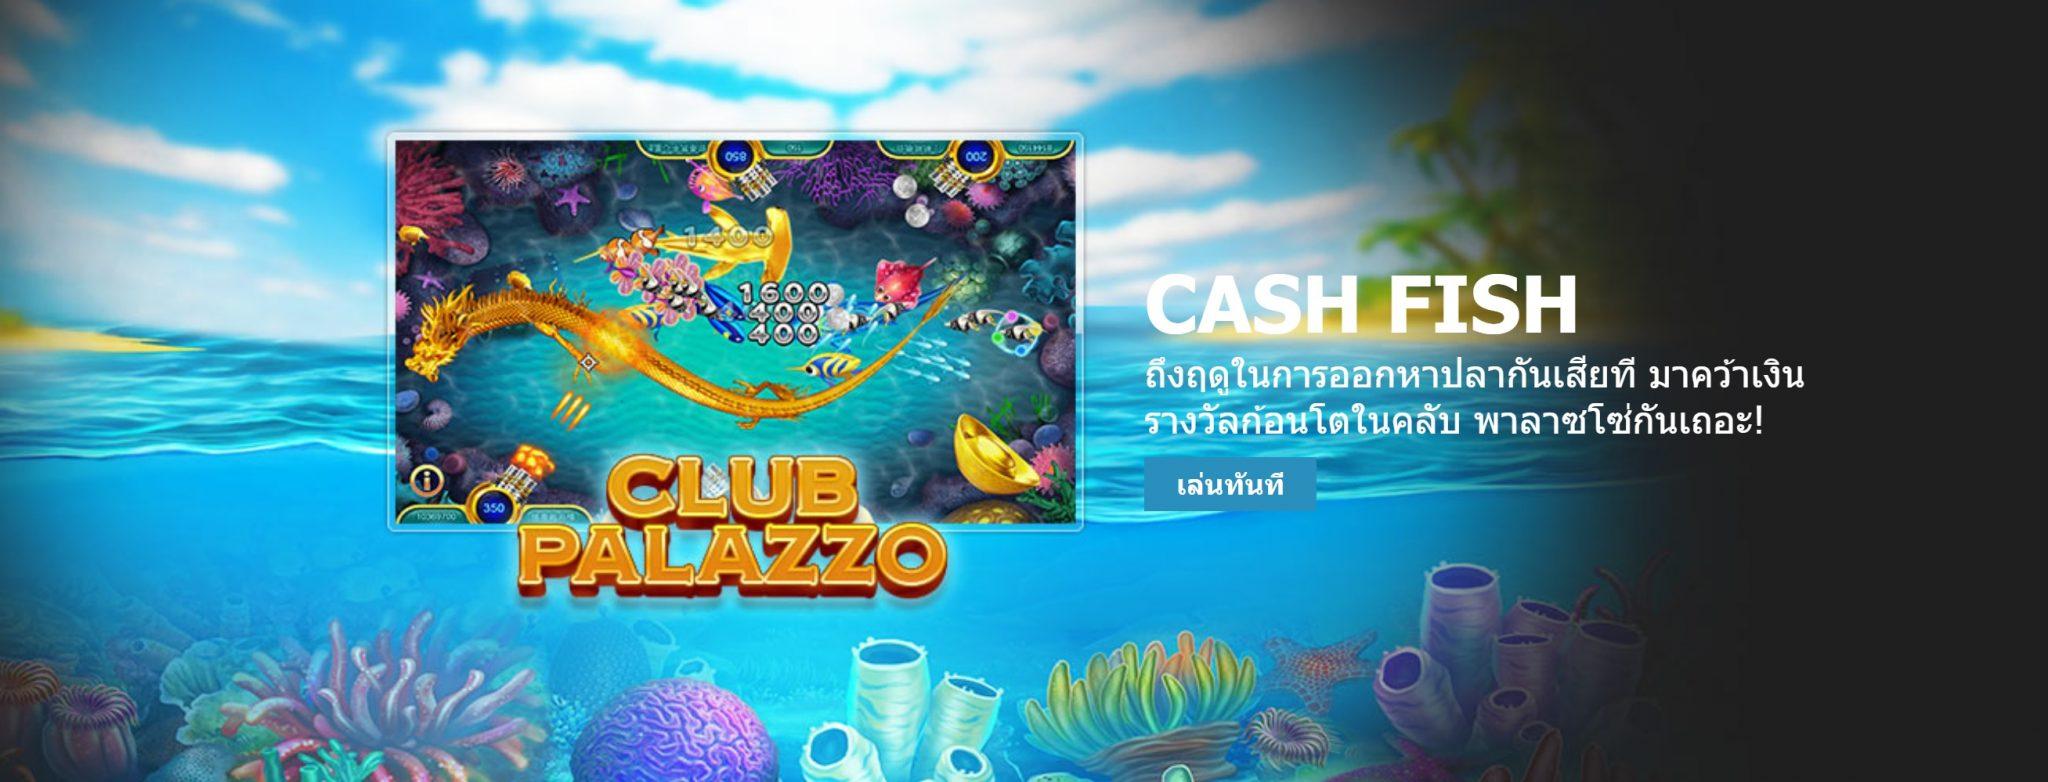 w88 เกมส์ยิงปลา club palazzo